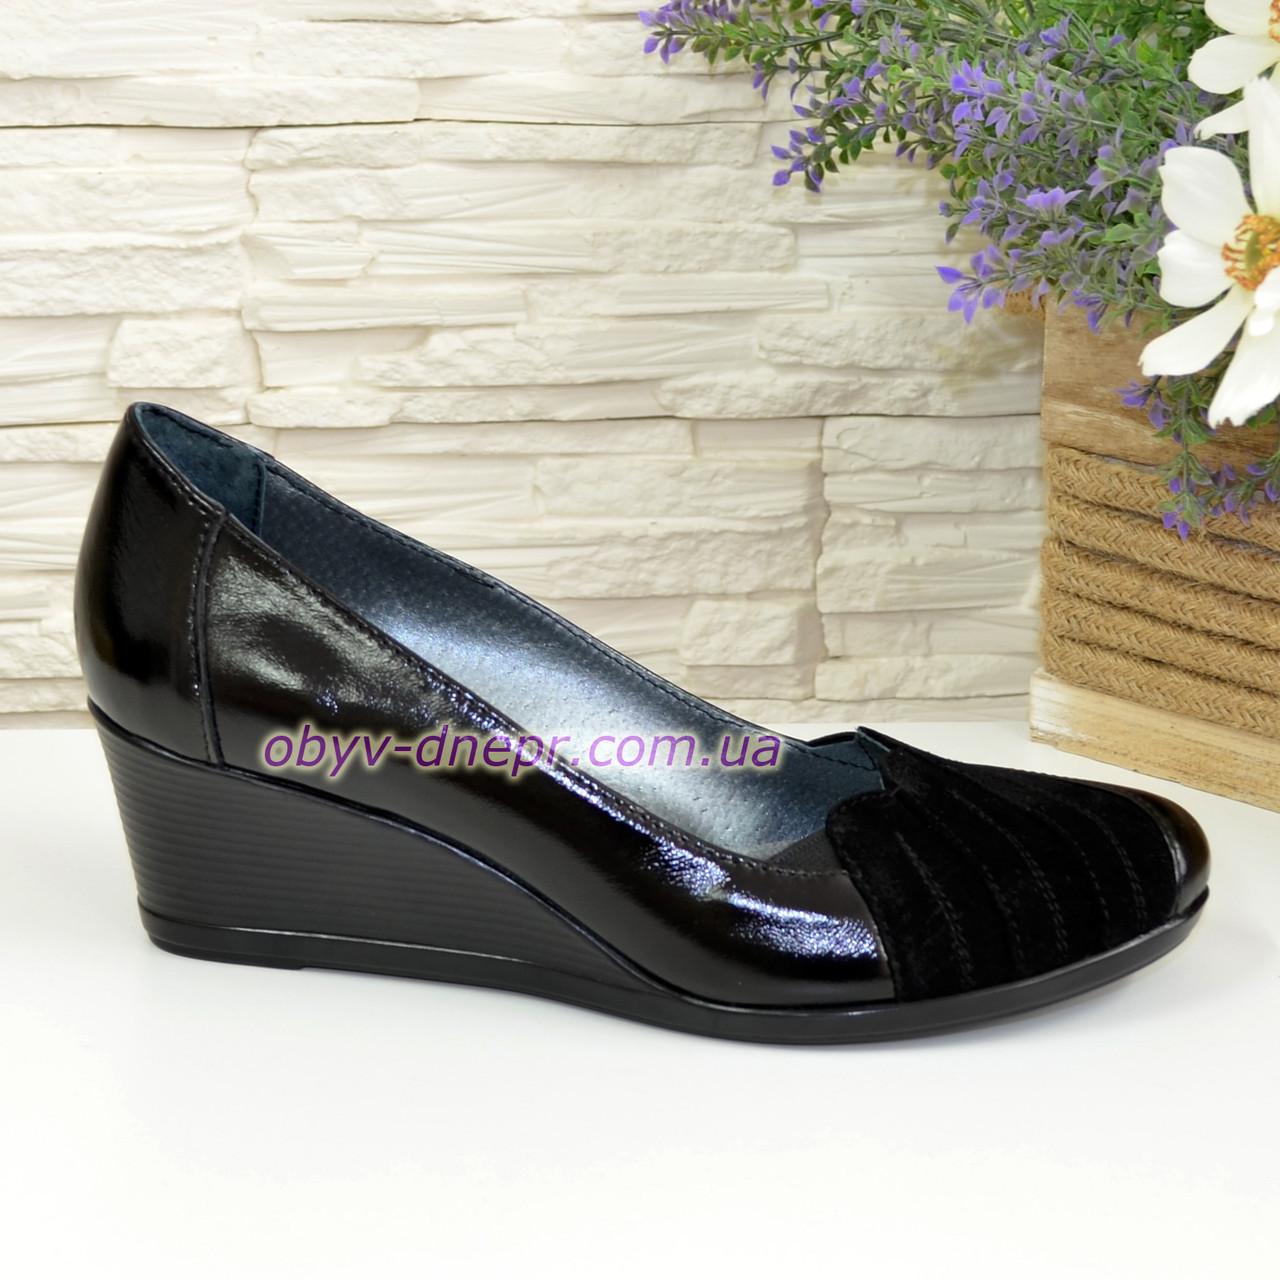 Женские черные туфли на танкетке, натуральная лаковая кожа и замша